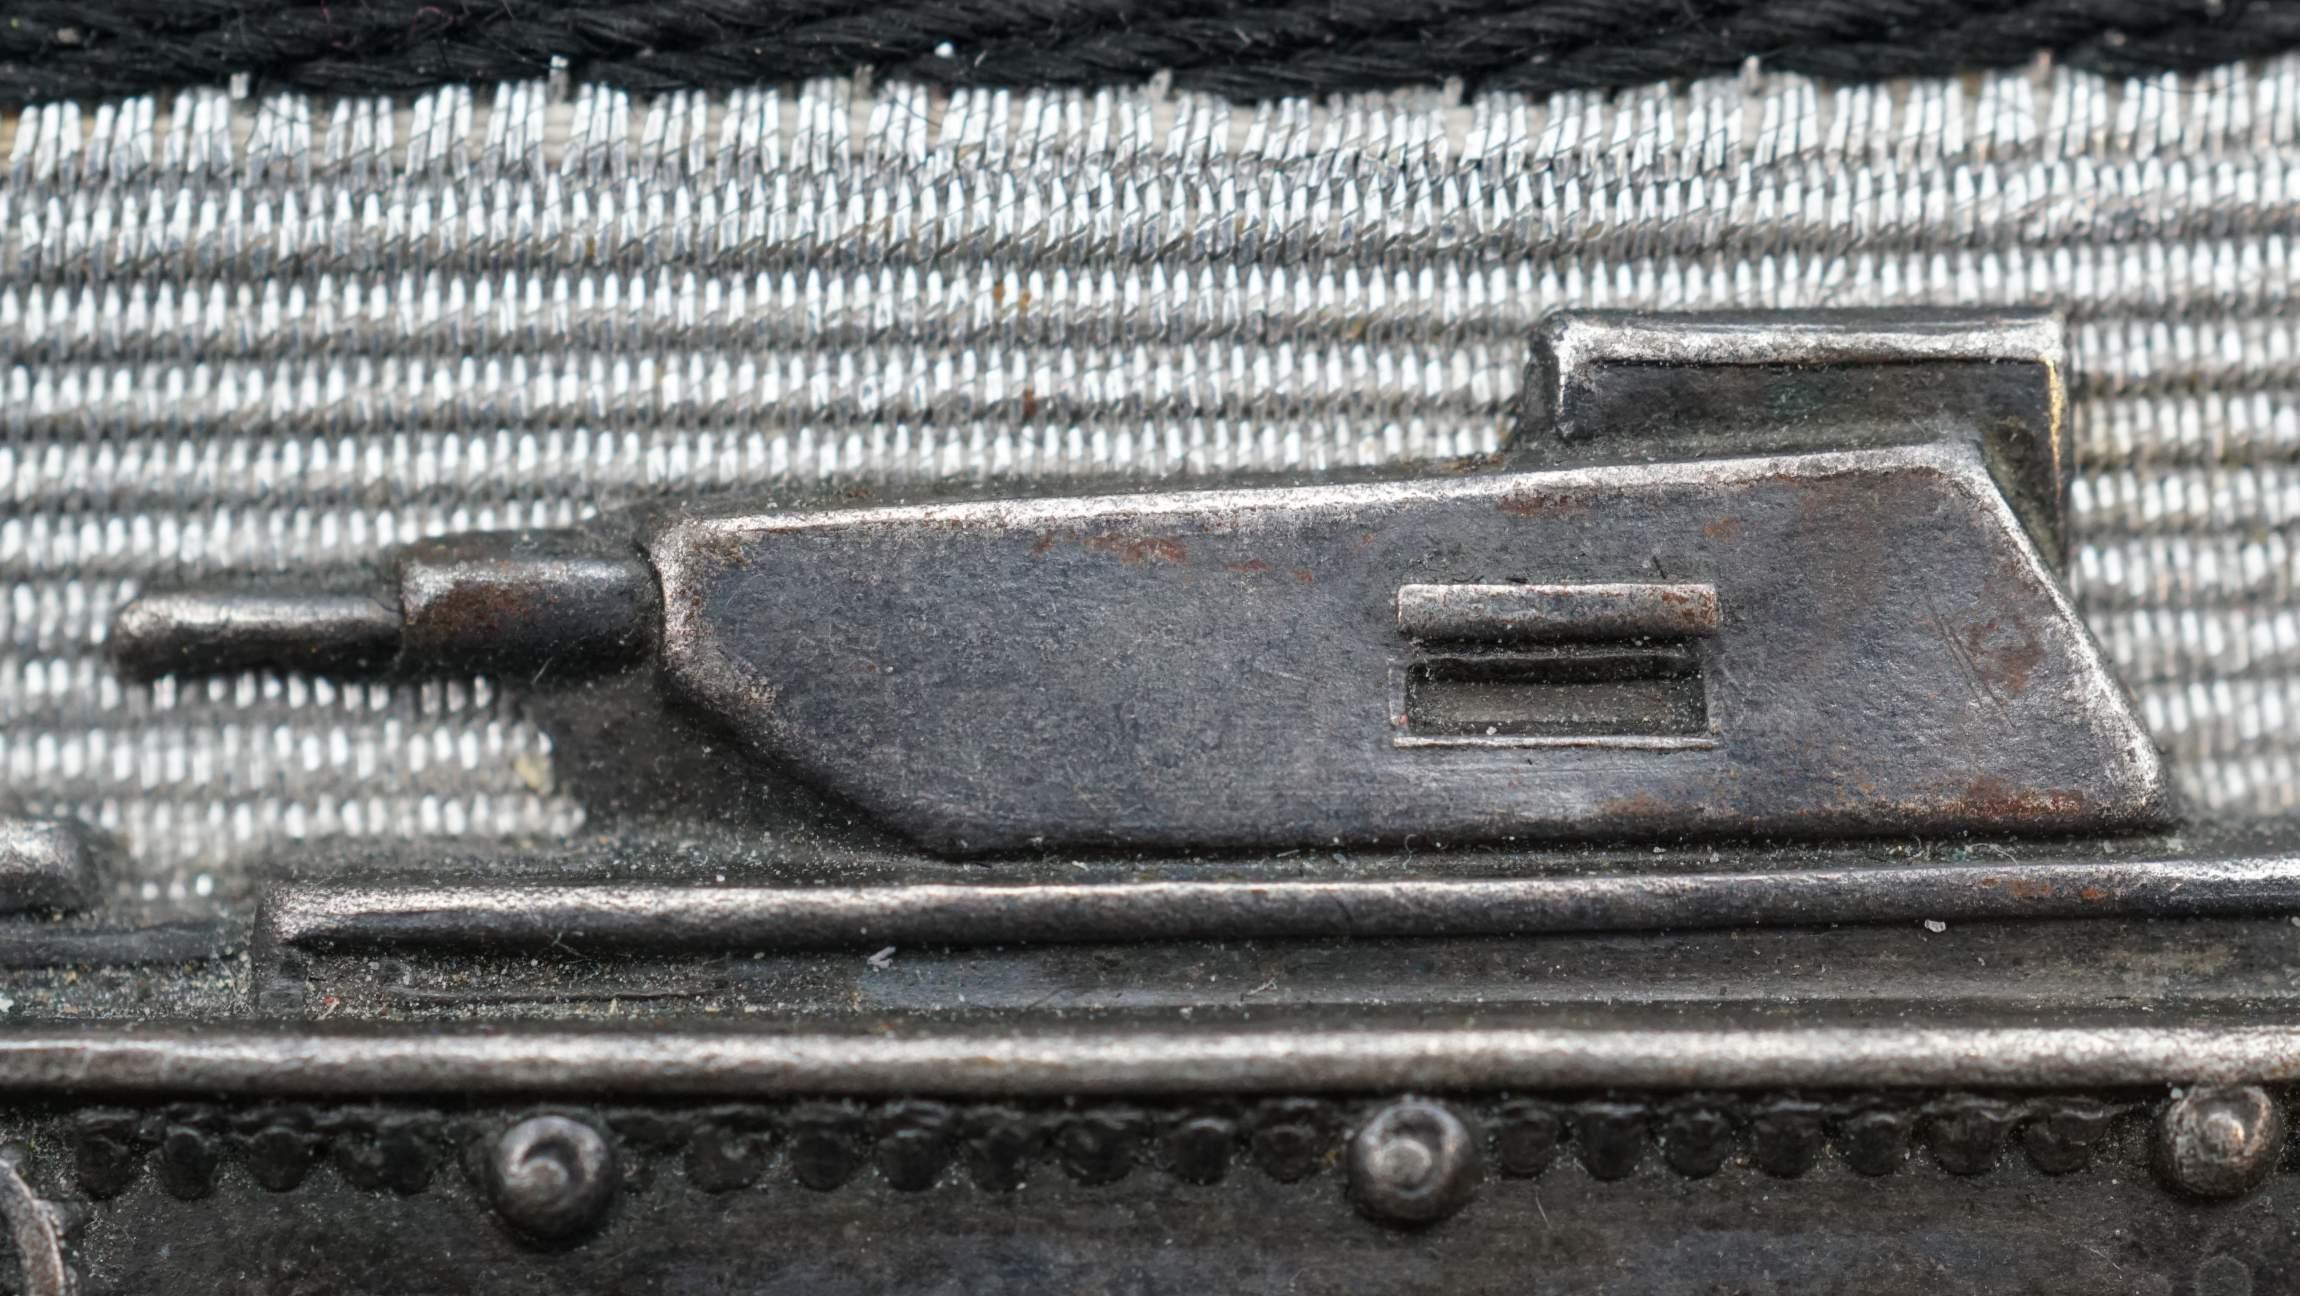 1088224d1498693578-panzervernichtungsabzeichen-silber-type-1-a-tdb-type-1-3 Verwunderlich Reich Werden Mit Silber Dekorationen